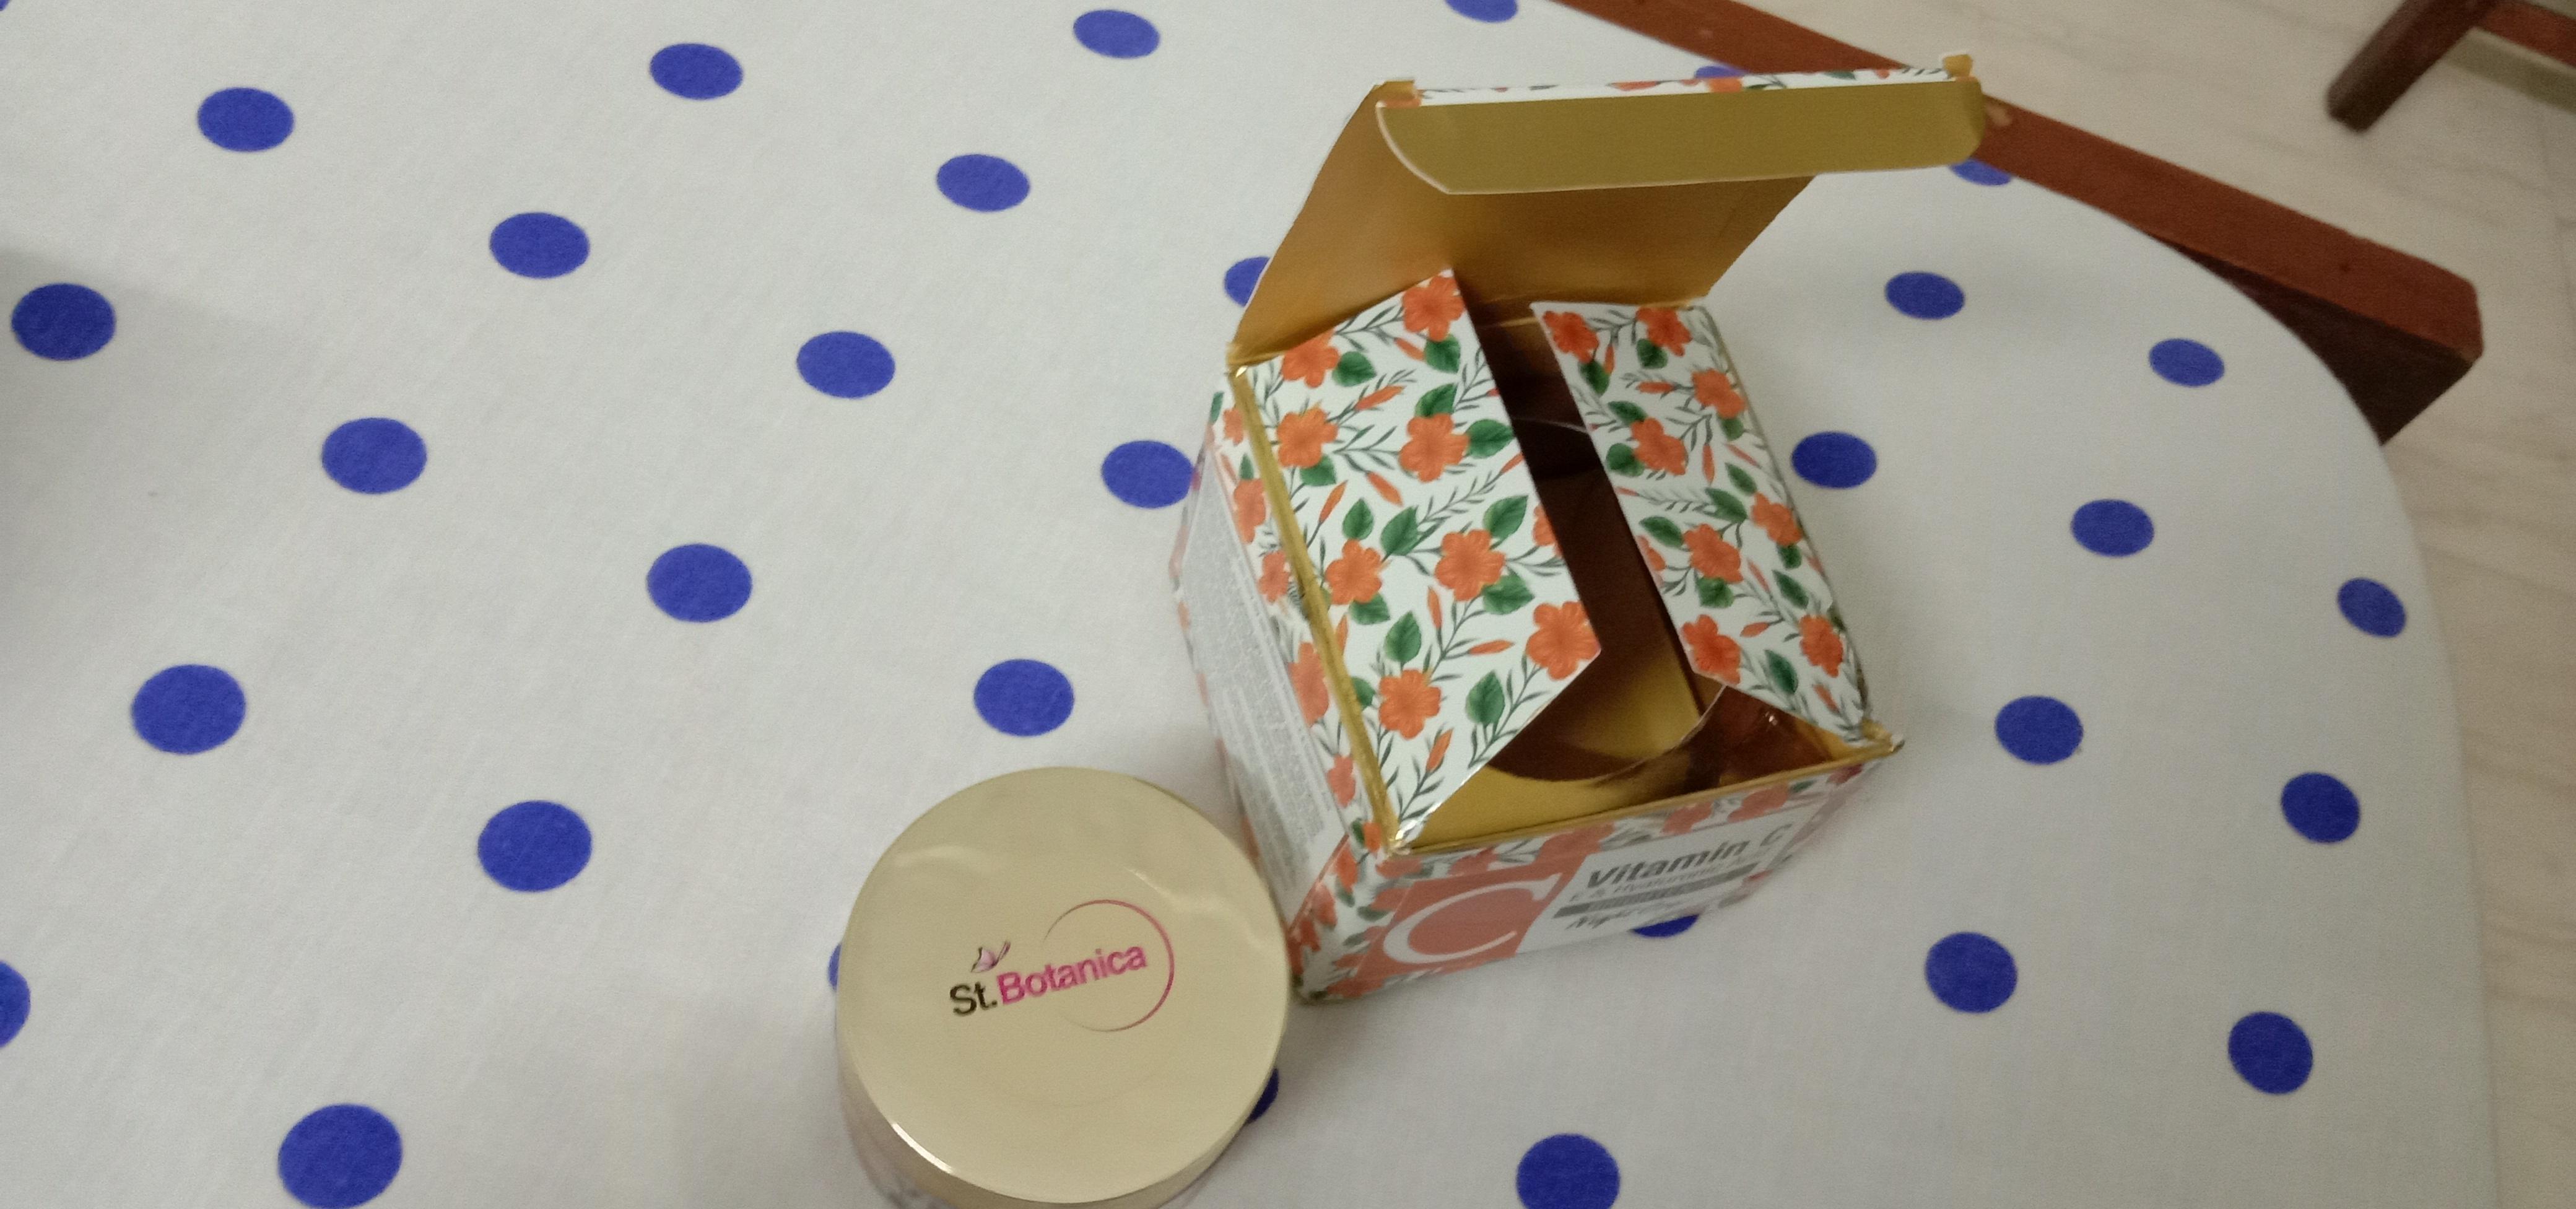 St.Botanica Vitamin C Brightening Night Cream-Amazing Product ..love it!-By shilpiahuja